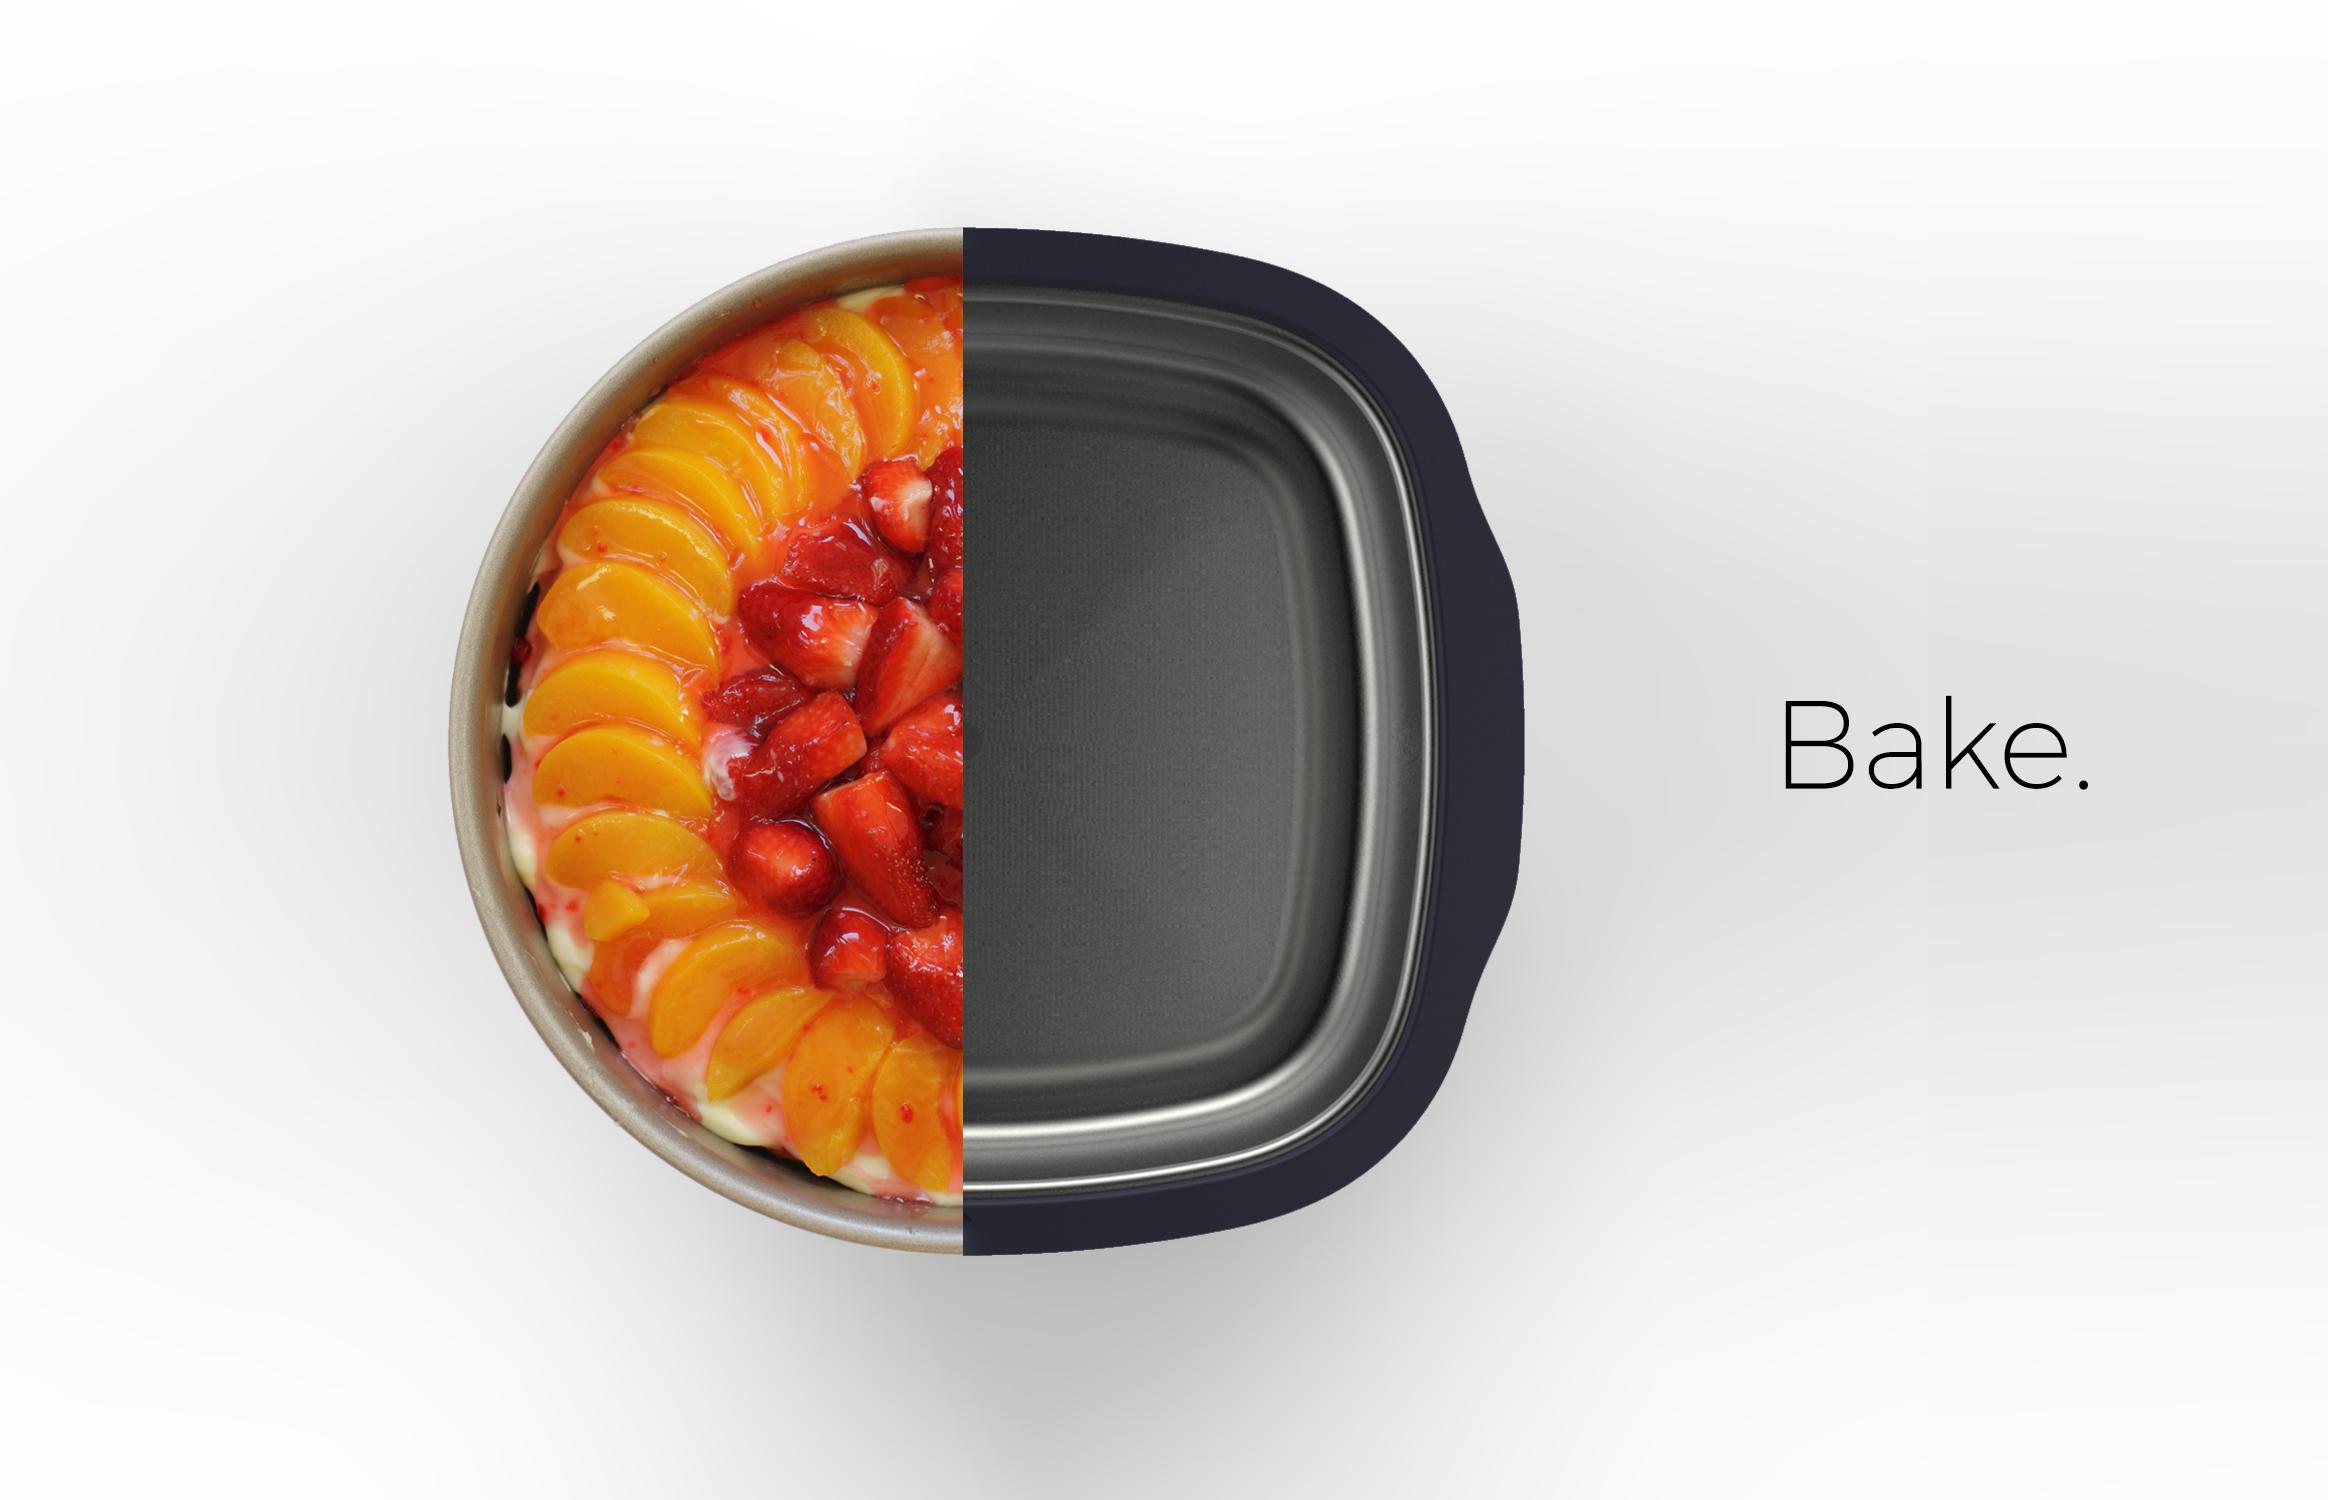 Micro_Bake.jpg